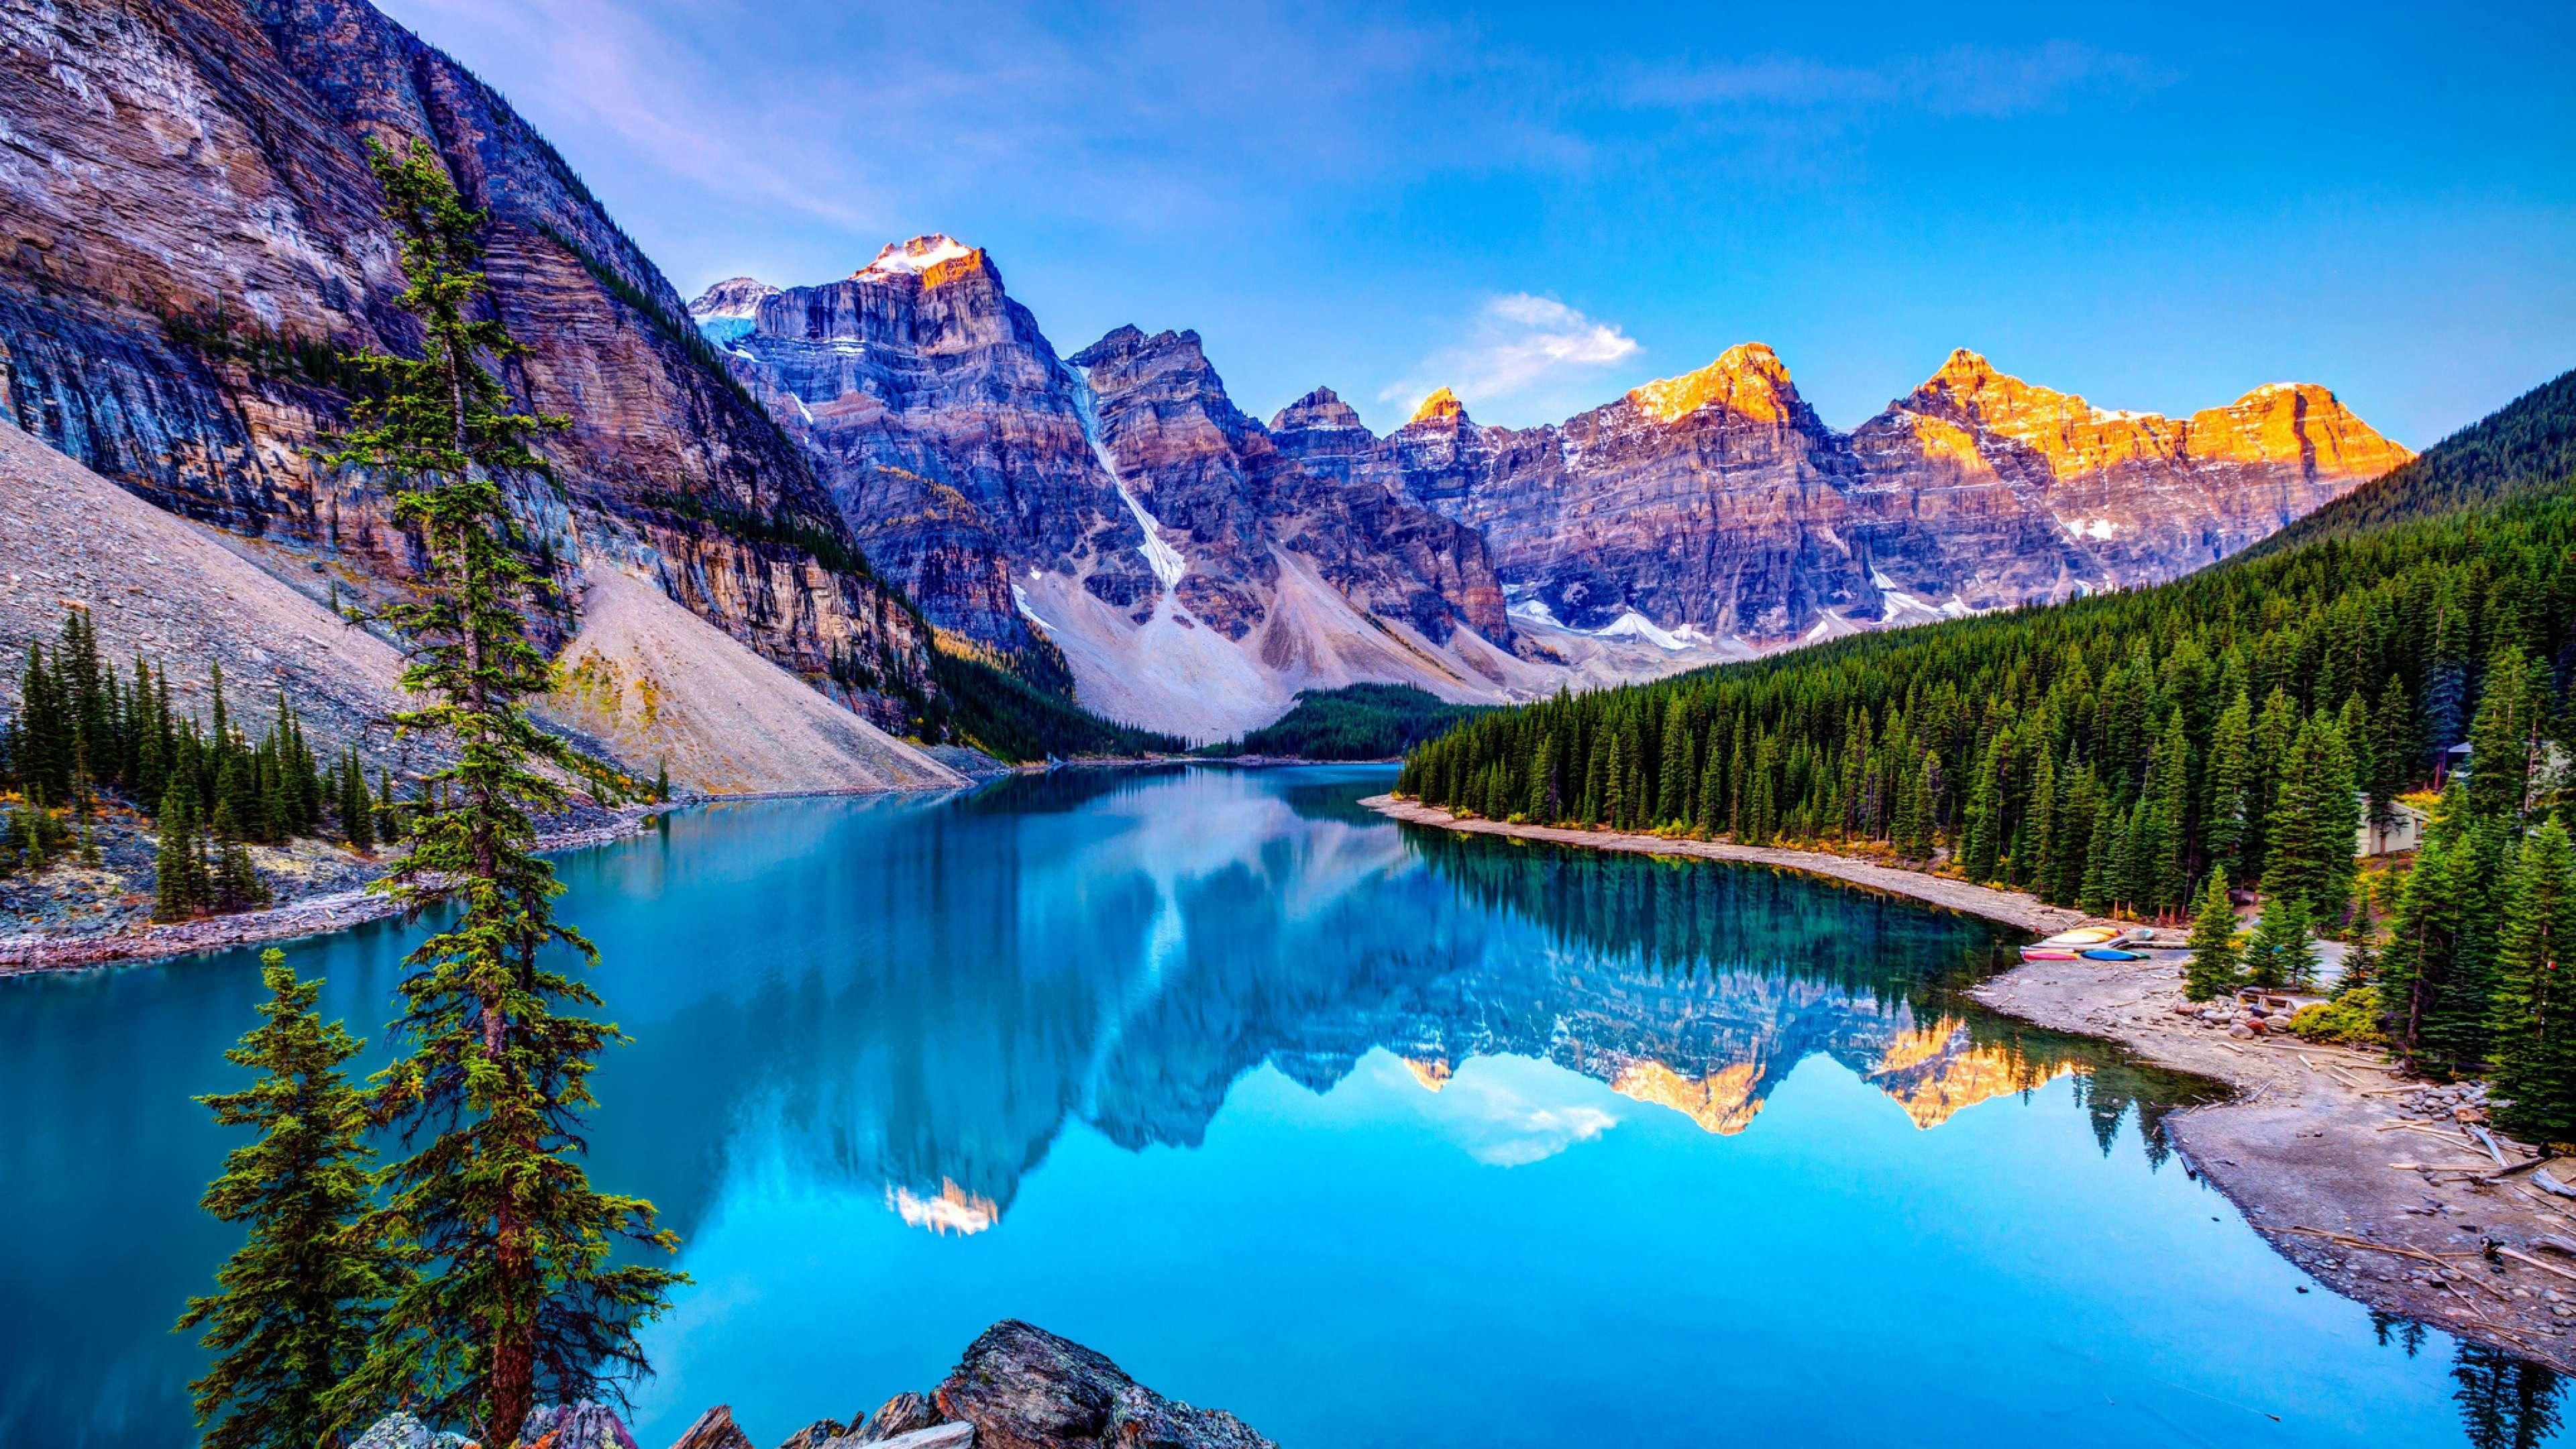 Голубое озеро среди горных вершин и зеленых холмов